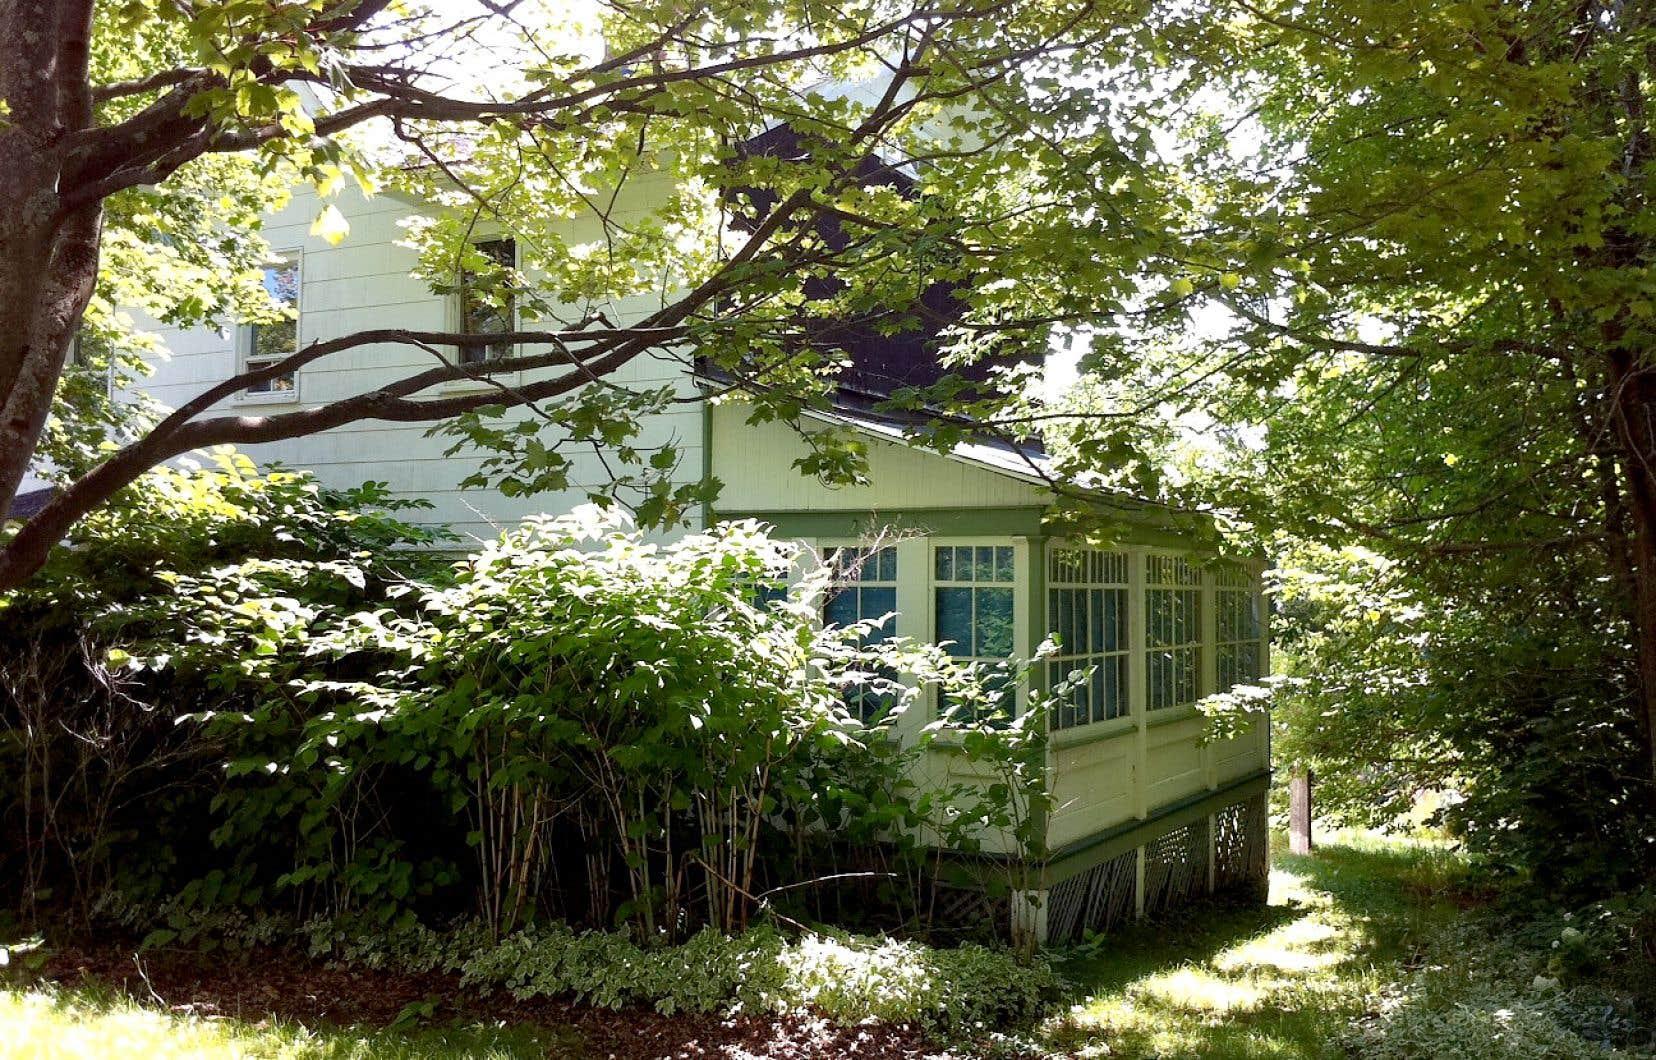 La maison gaspésienne où a grandi l'ancien premier ministre du Québec René Lévesque avait été classée monument historique en 1995 et immeuble patrimonial en 2012. Québec a finalement acquis la bâtisse.